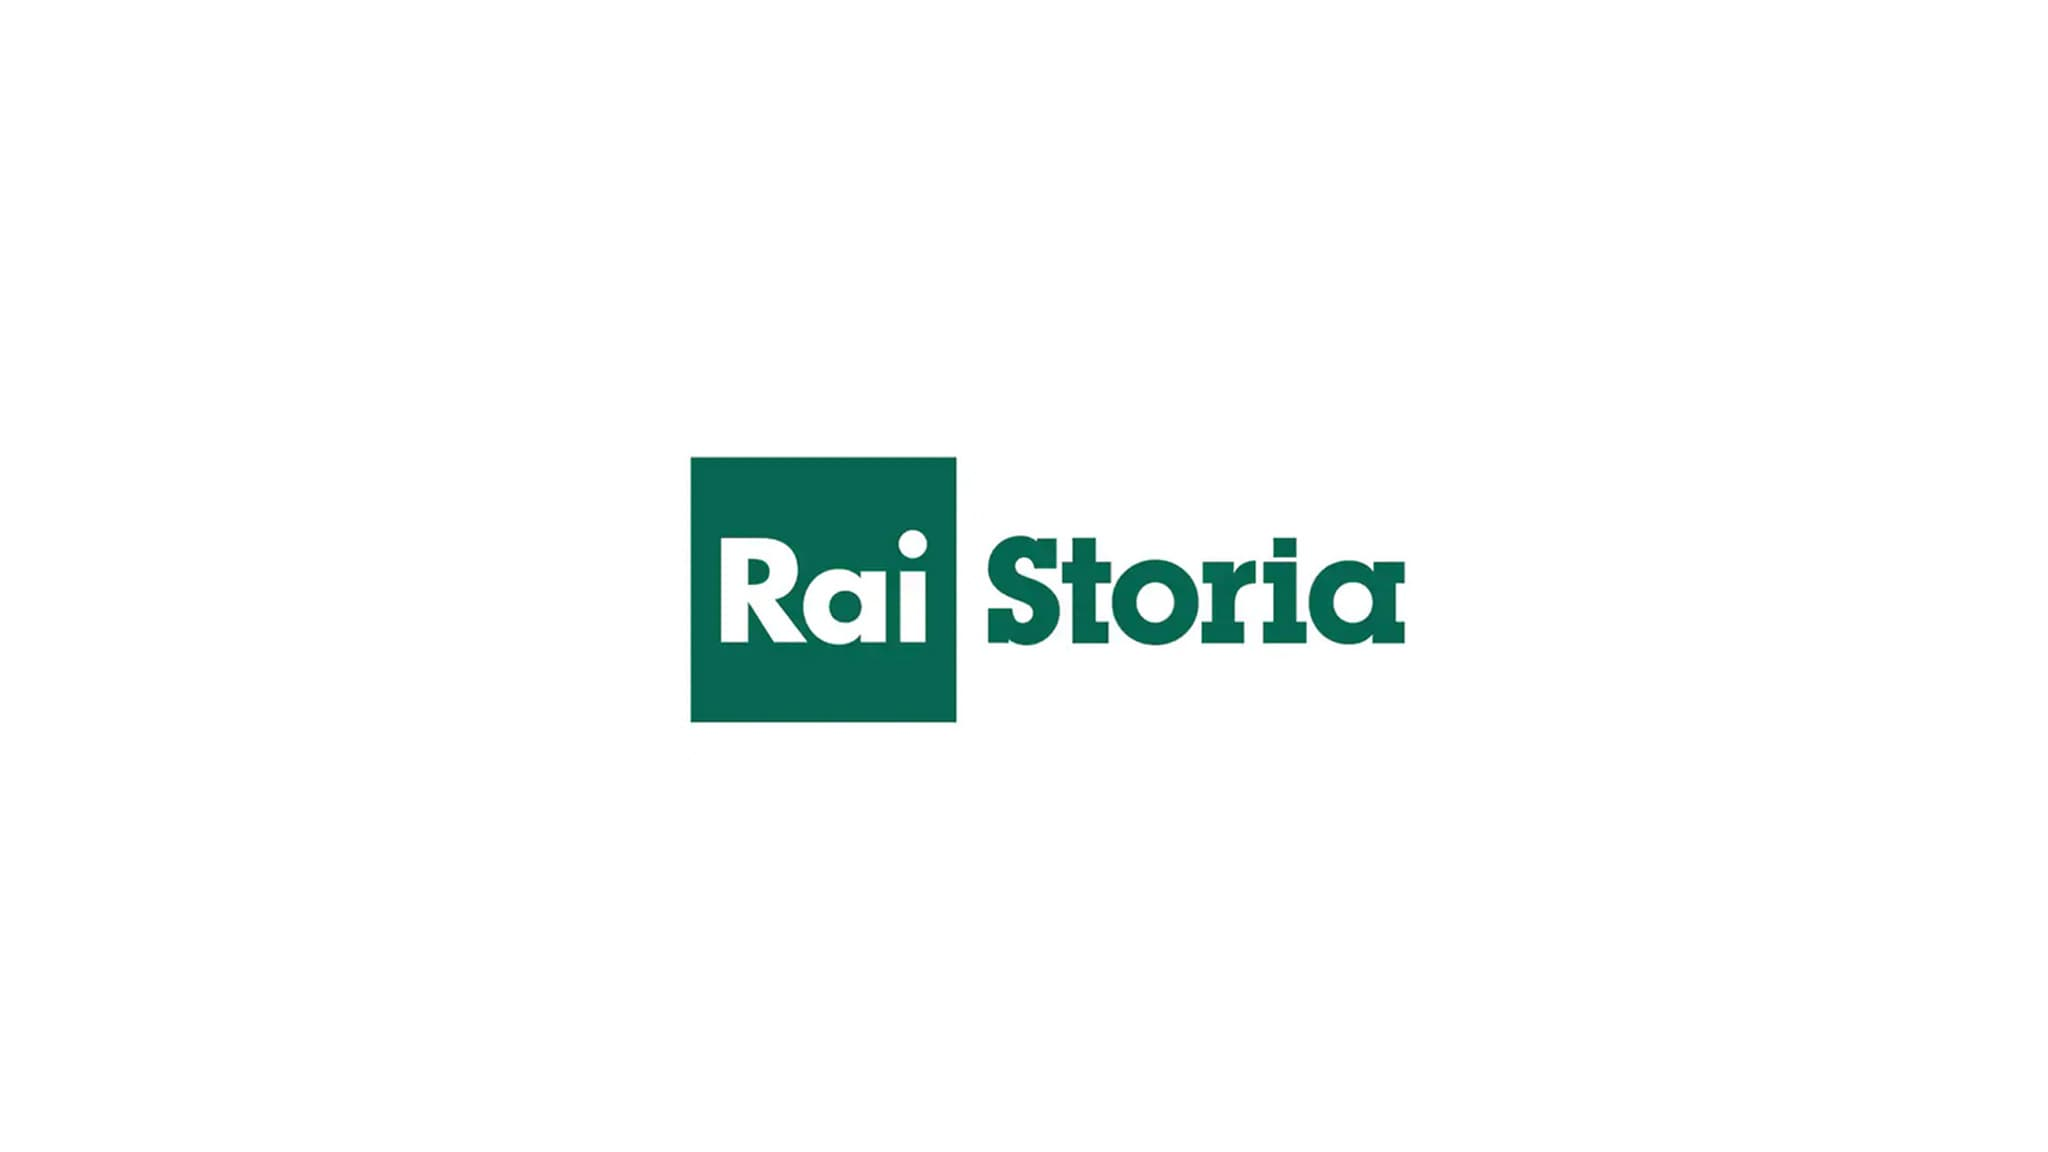 Rai Storia E' l'Italia, bellezza! Pt. 3